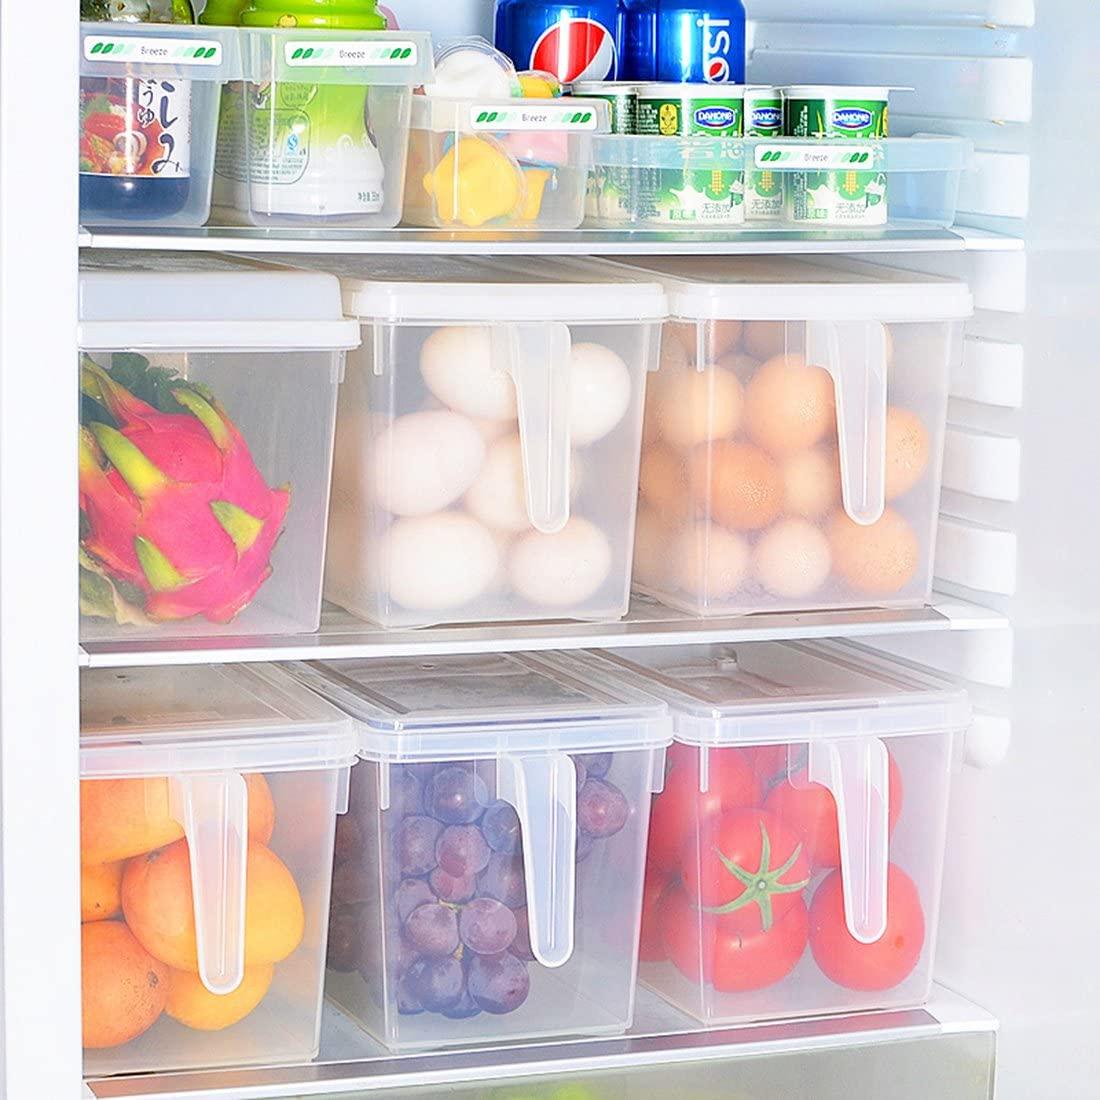 مرتب کردن مواد غذایی در یخچال